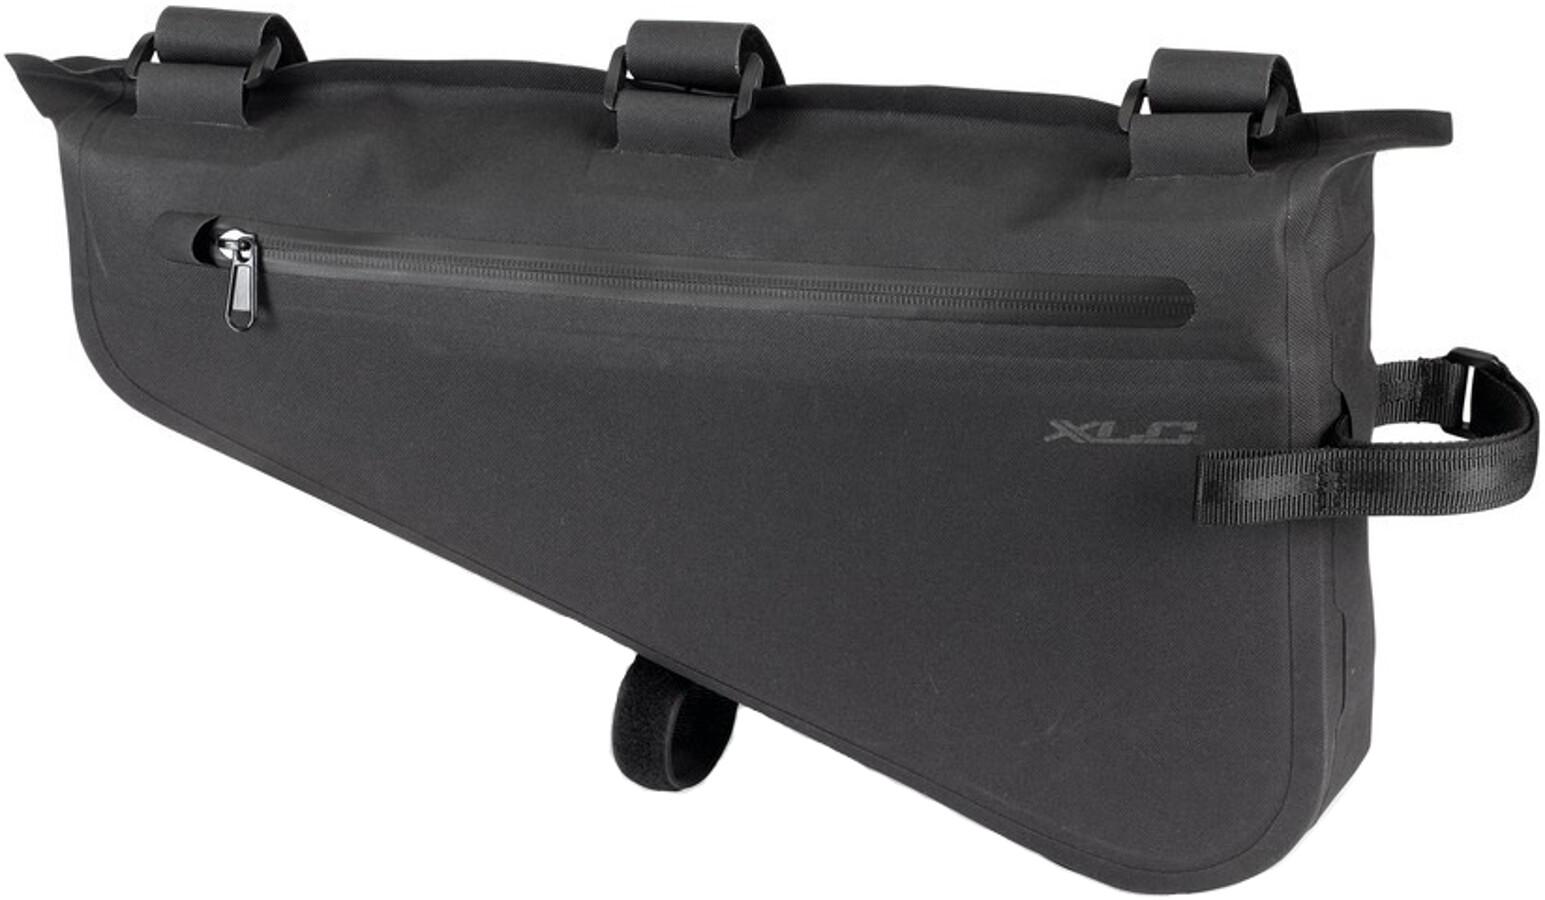 XLC BA-W32 Steltaske waterproof, black (2019) | Steltasker